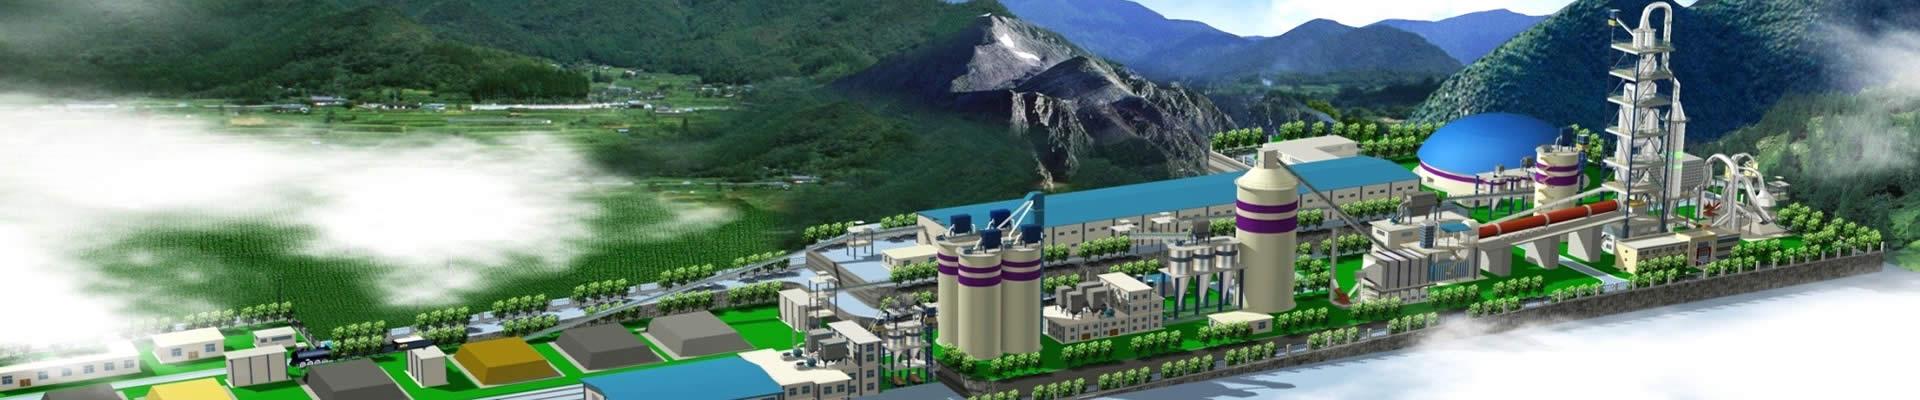 小型石灰窑设备生产线选择生产厂家的四项基本原则